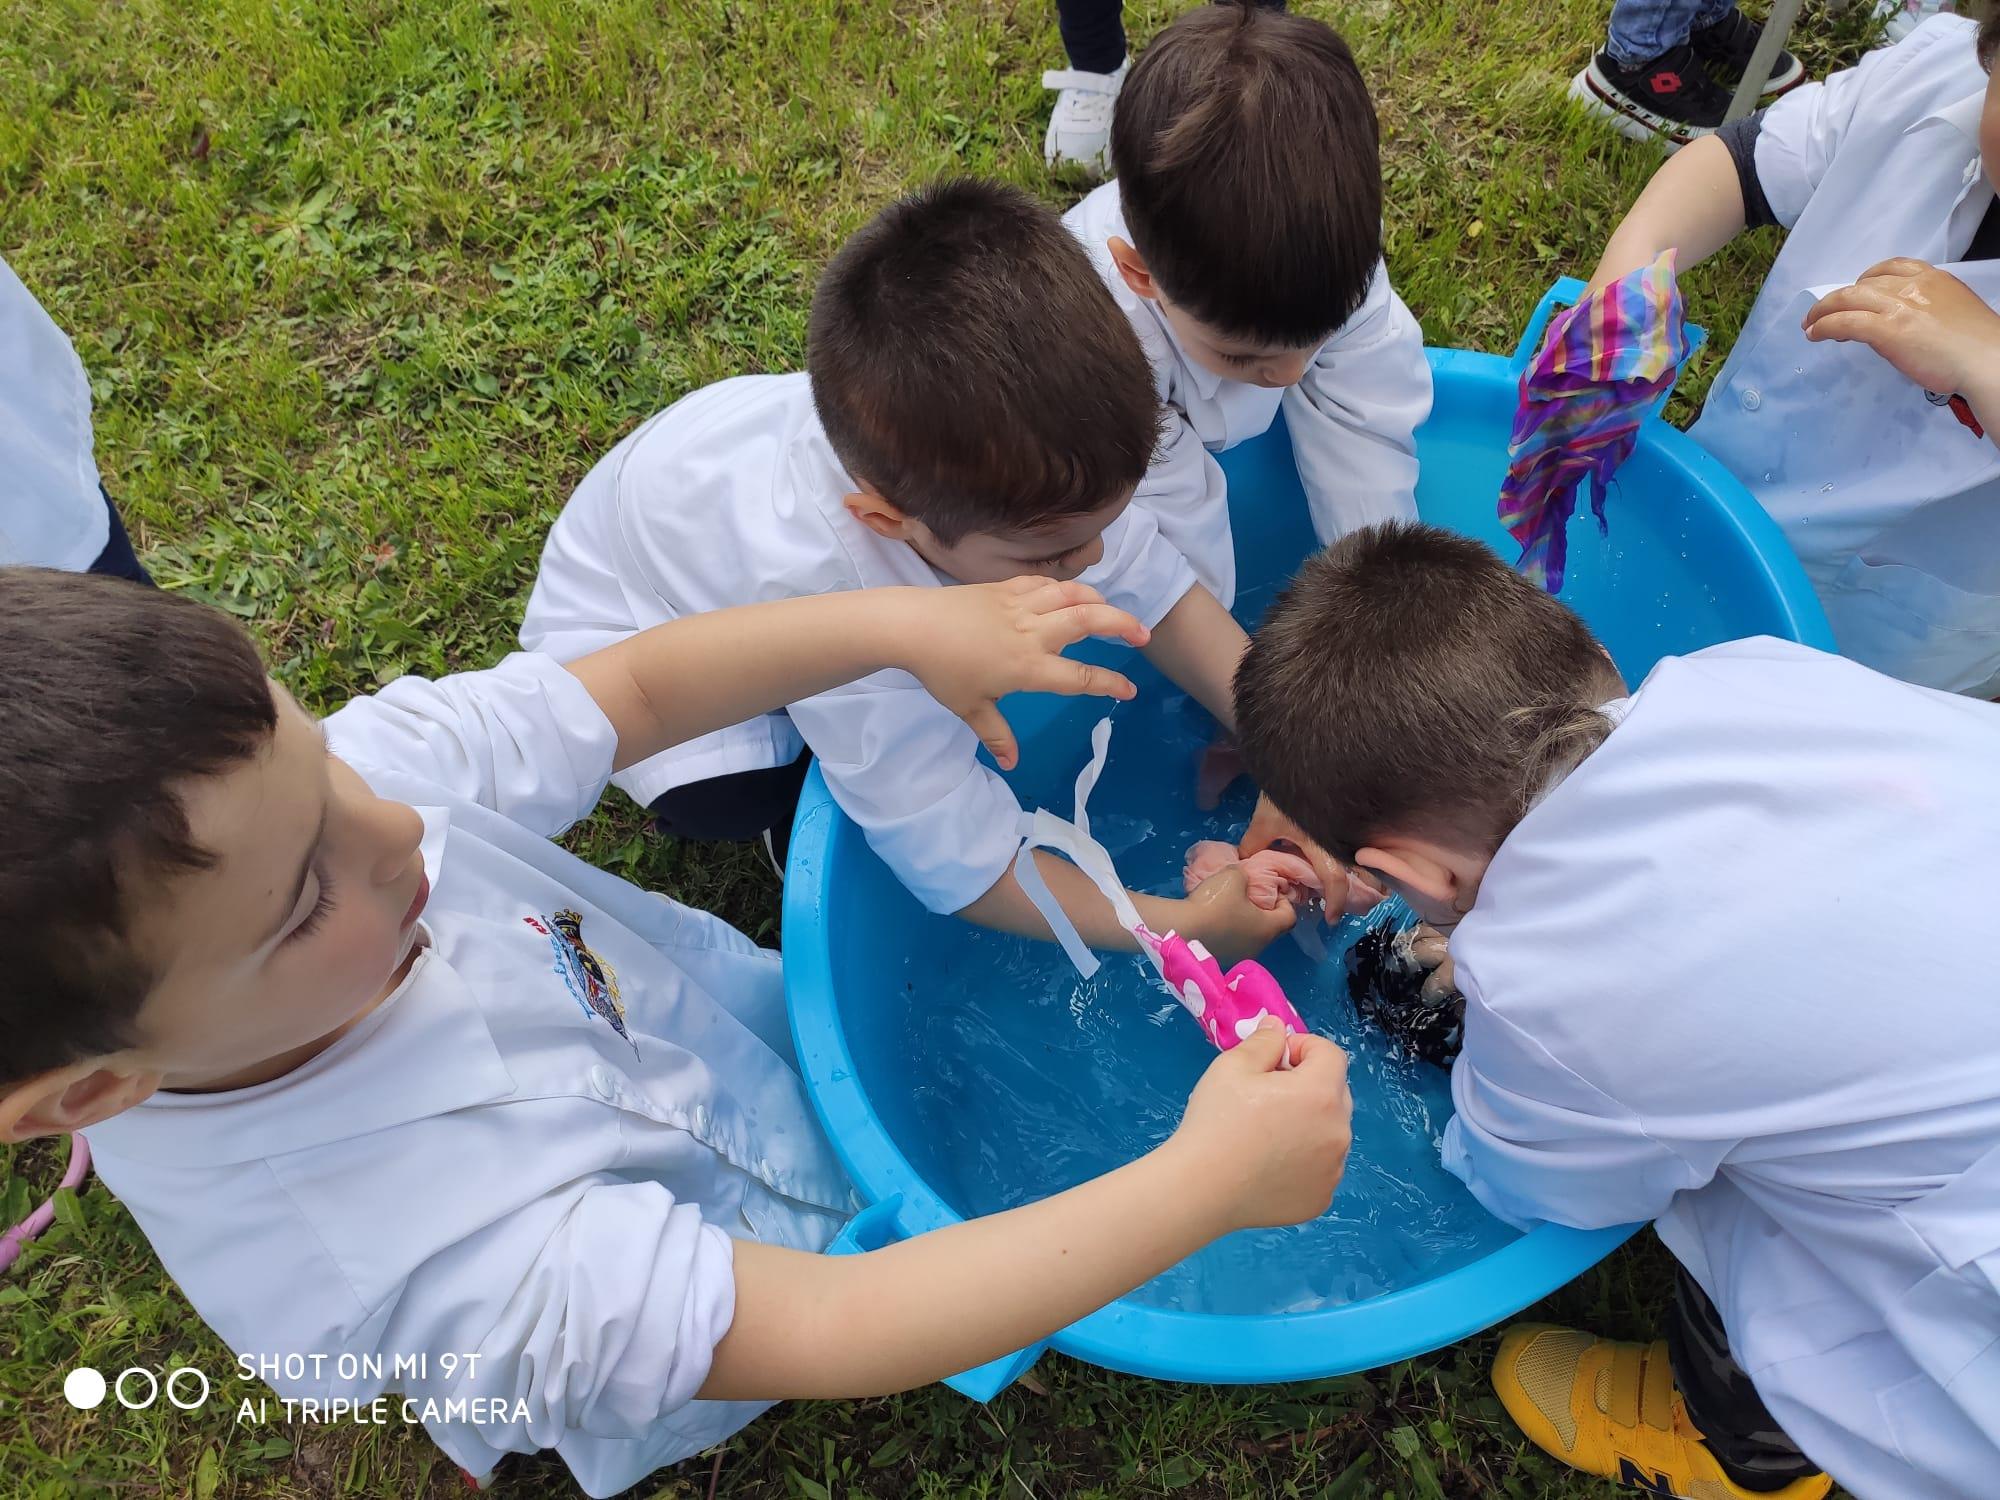 A scuola parliamo di Igiene